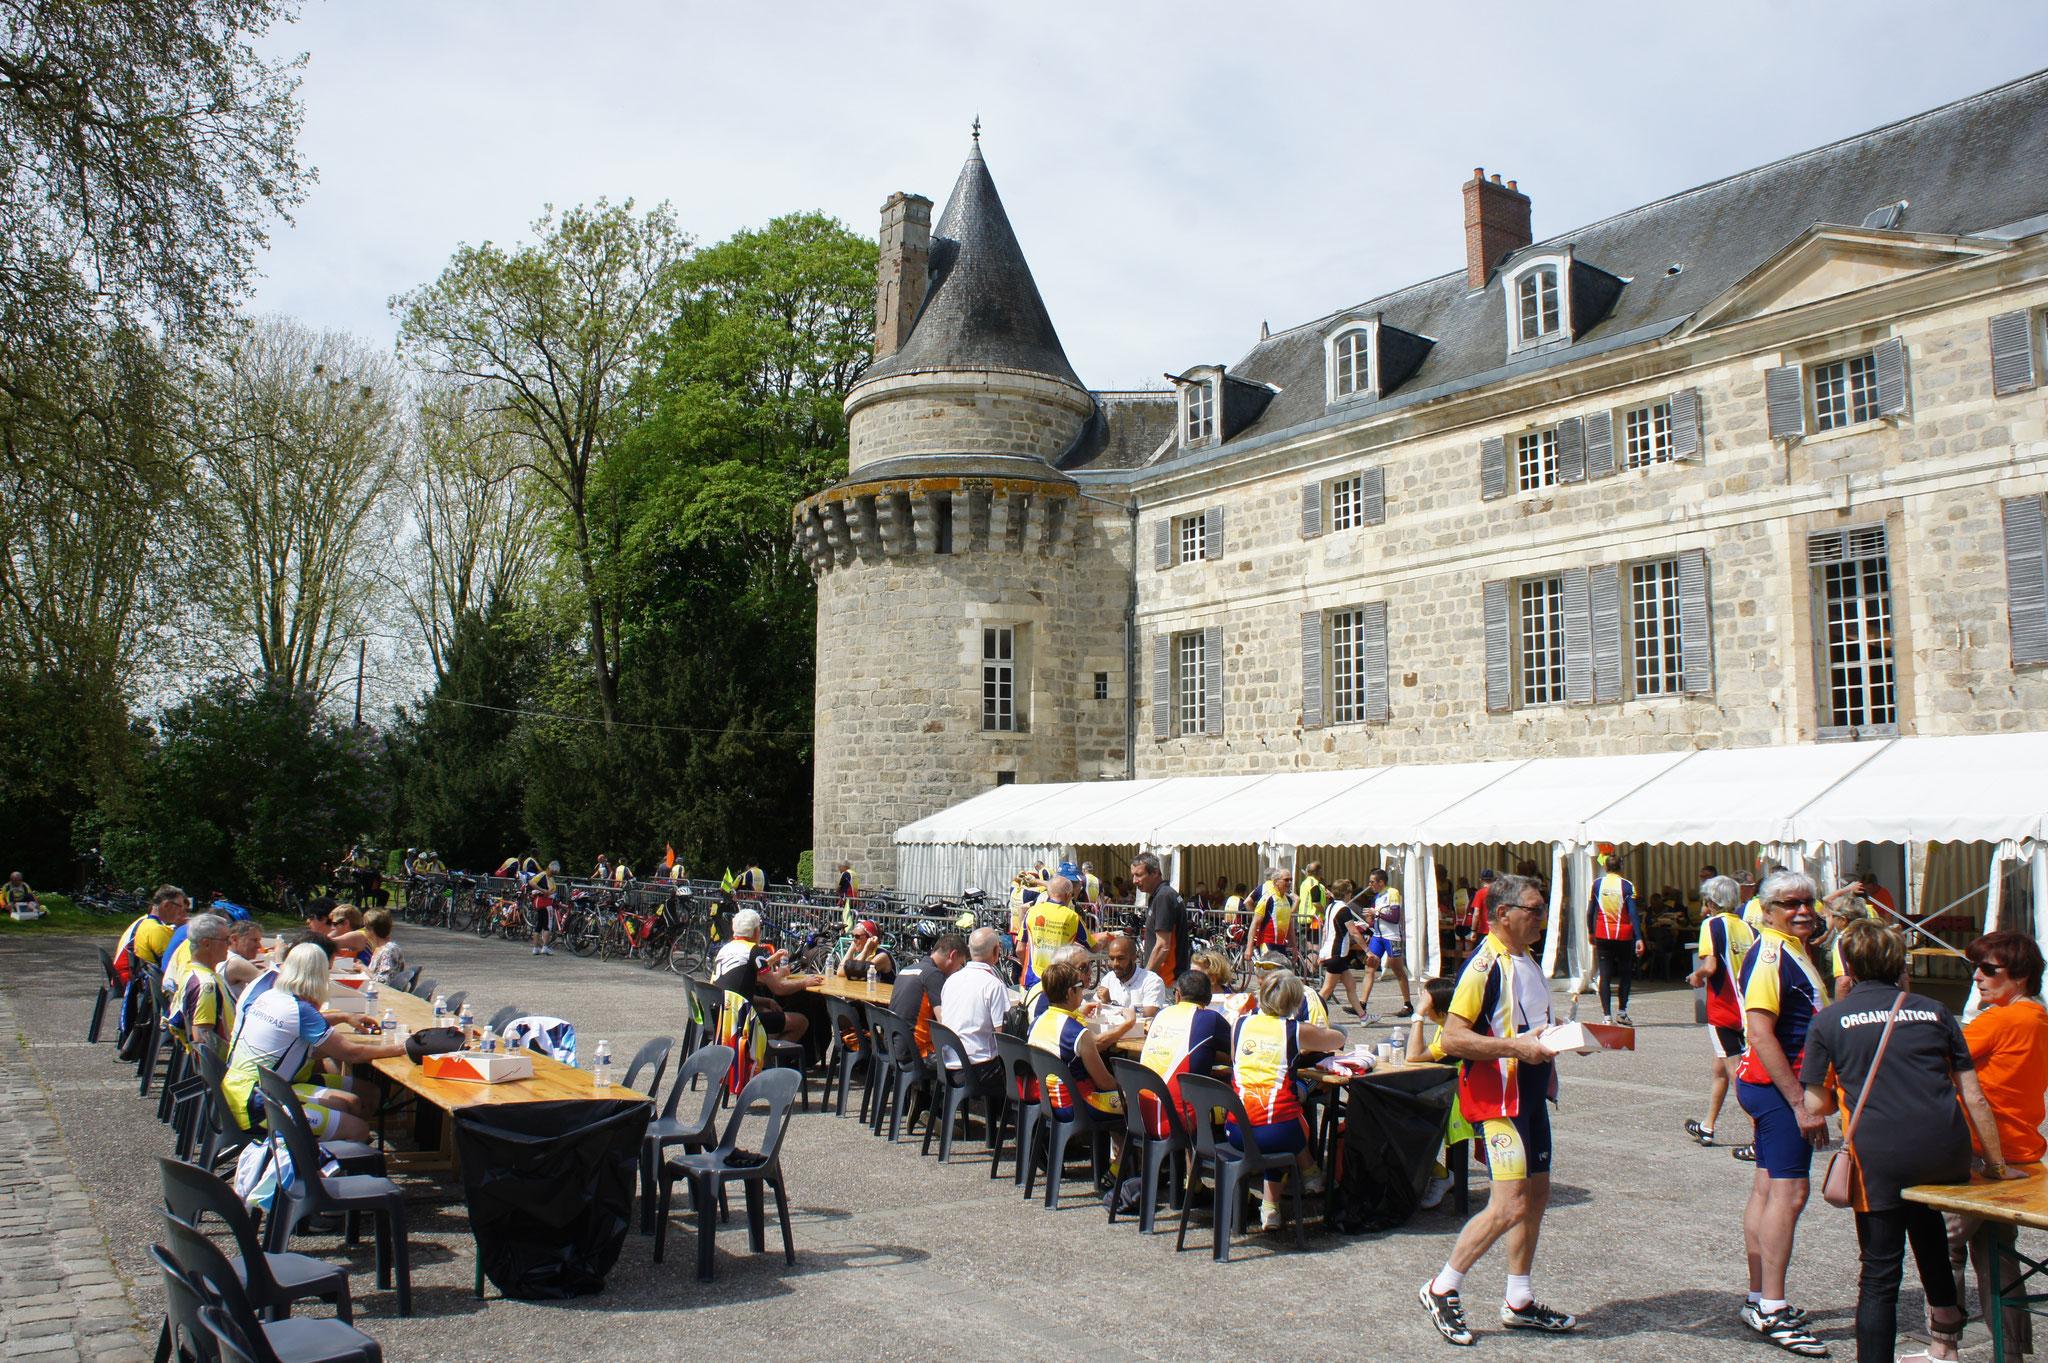 Décidément, le château de Dormans en voit vraiment de toutes les couleurs.